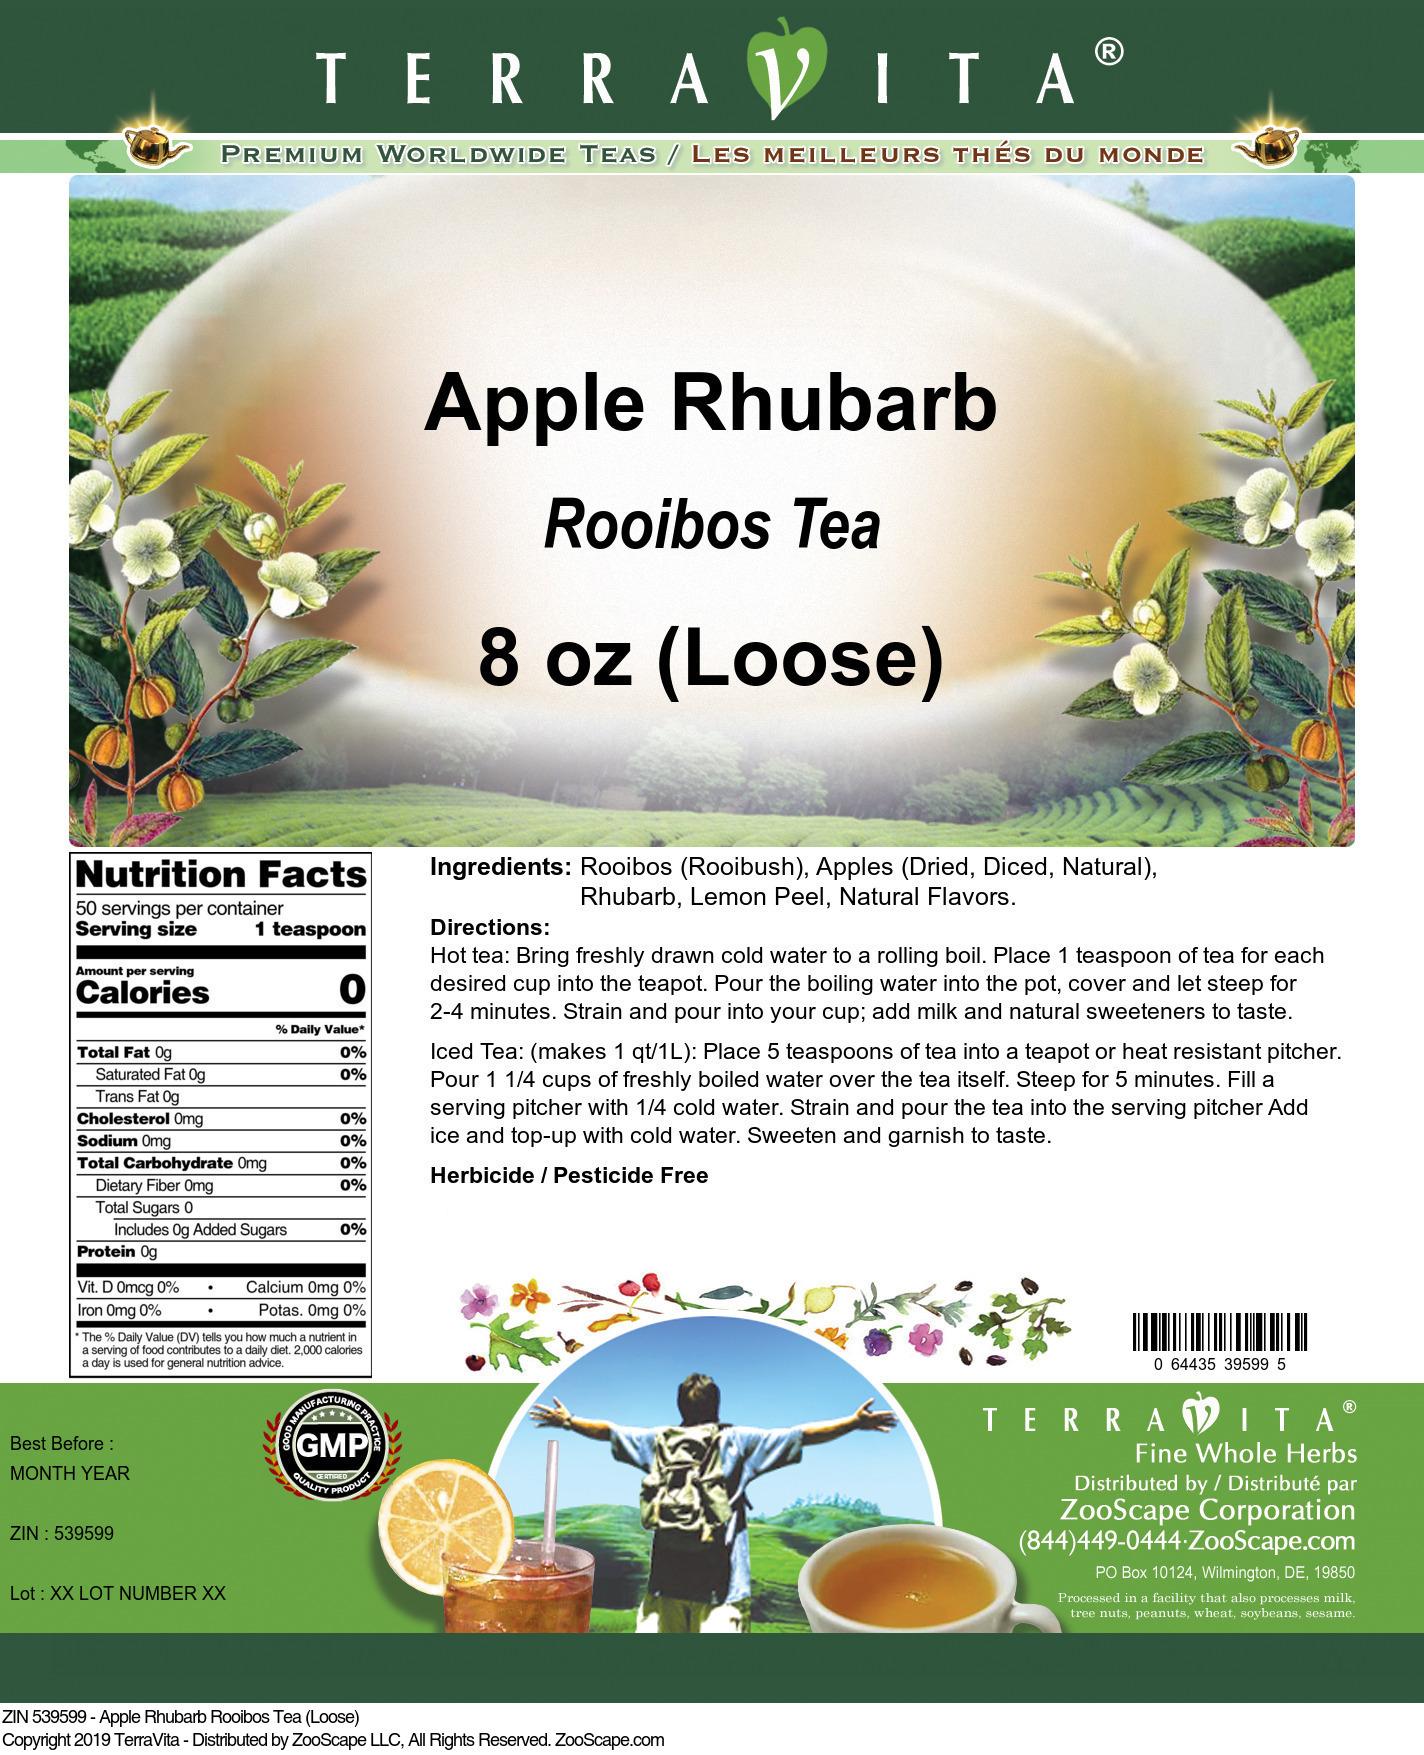 Apple Rhubarb Rooibos Tea